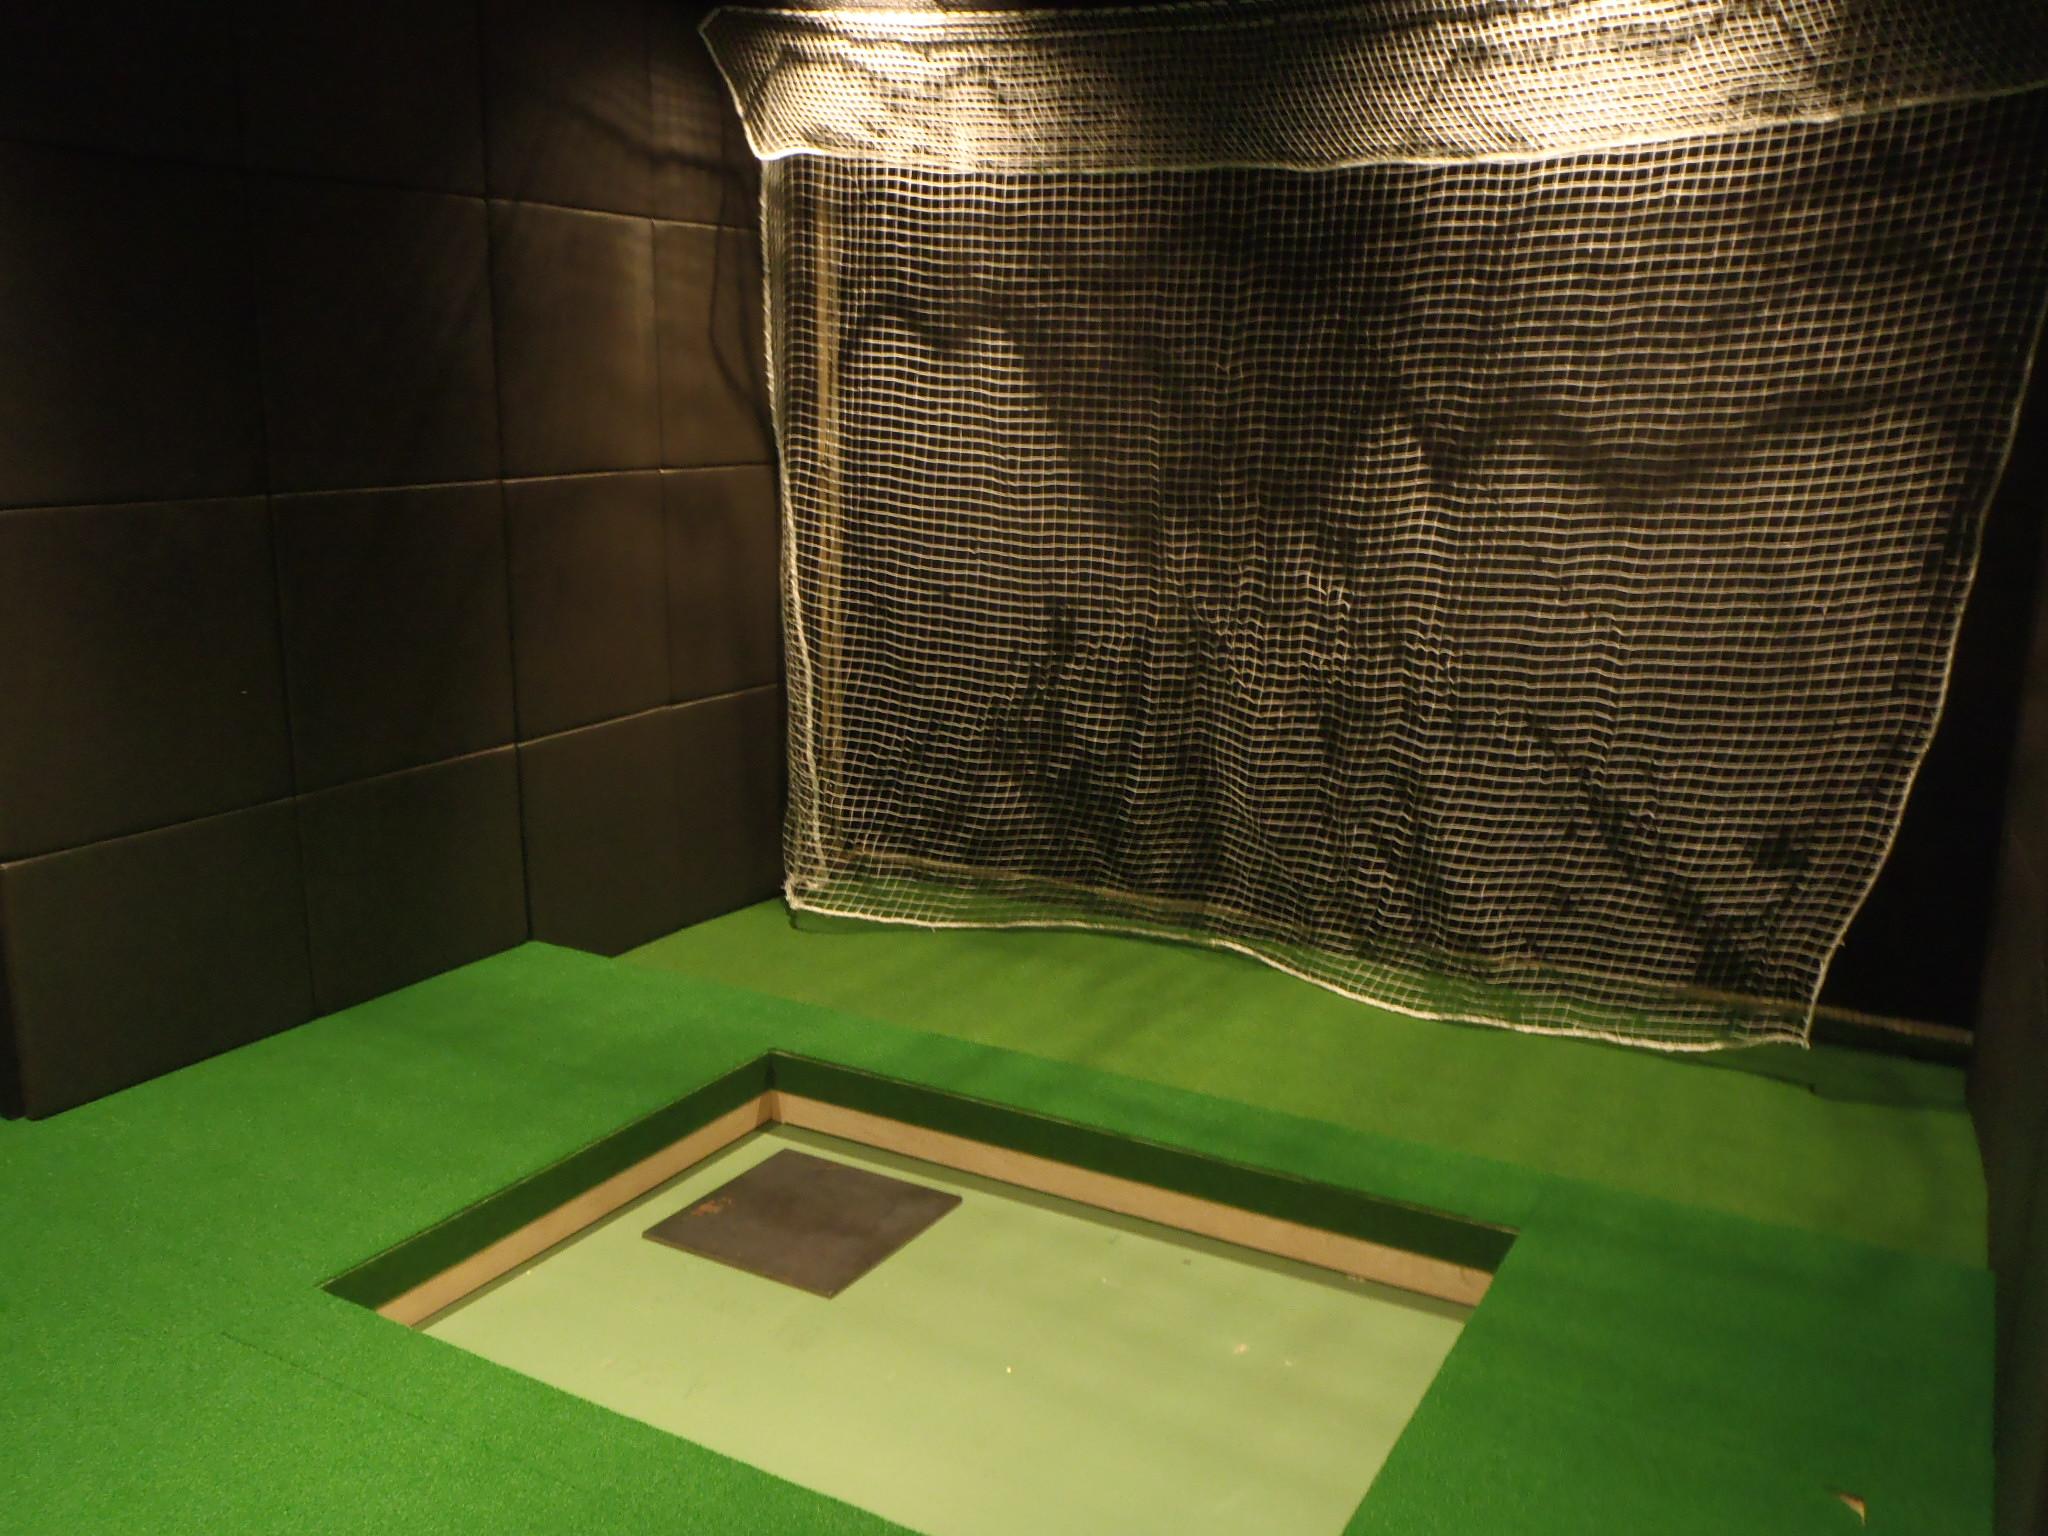 インドアゴルフネット工事 image3